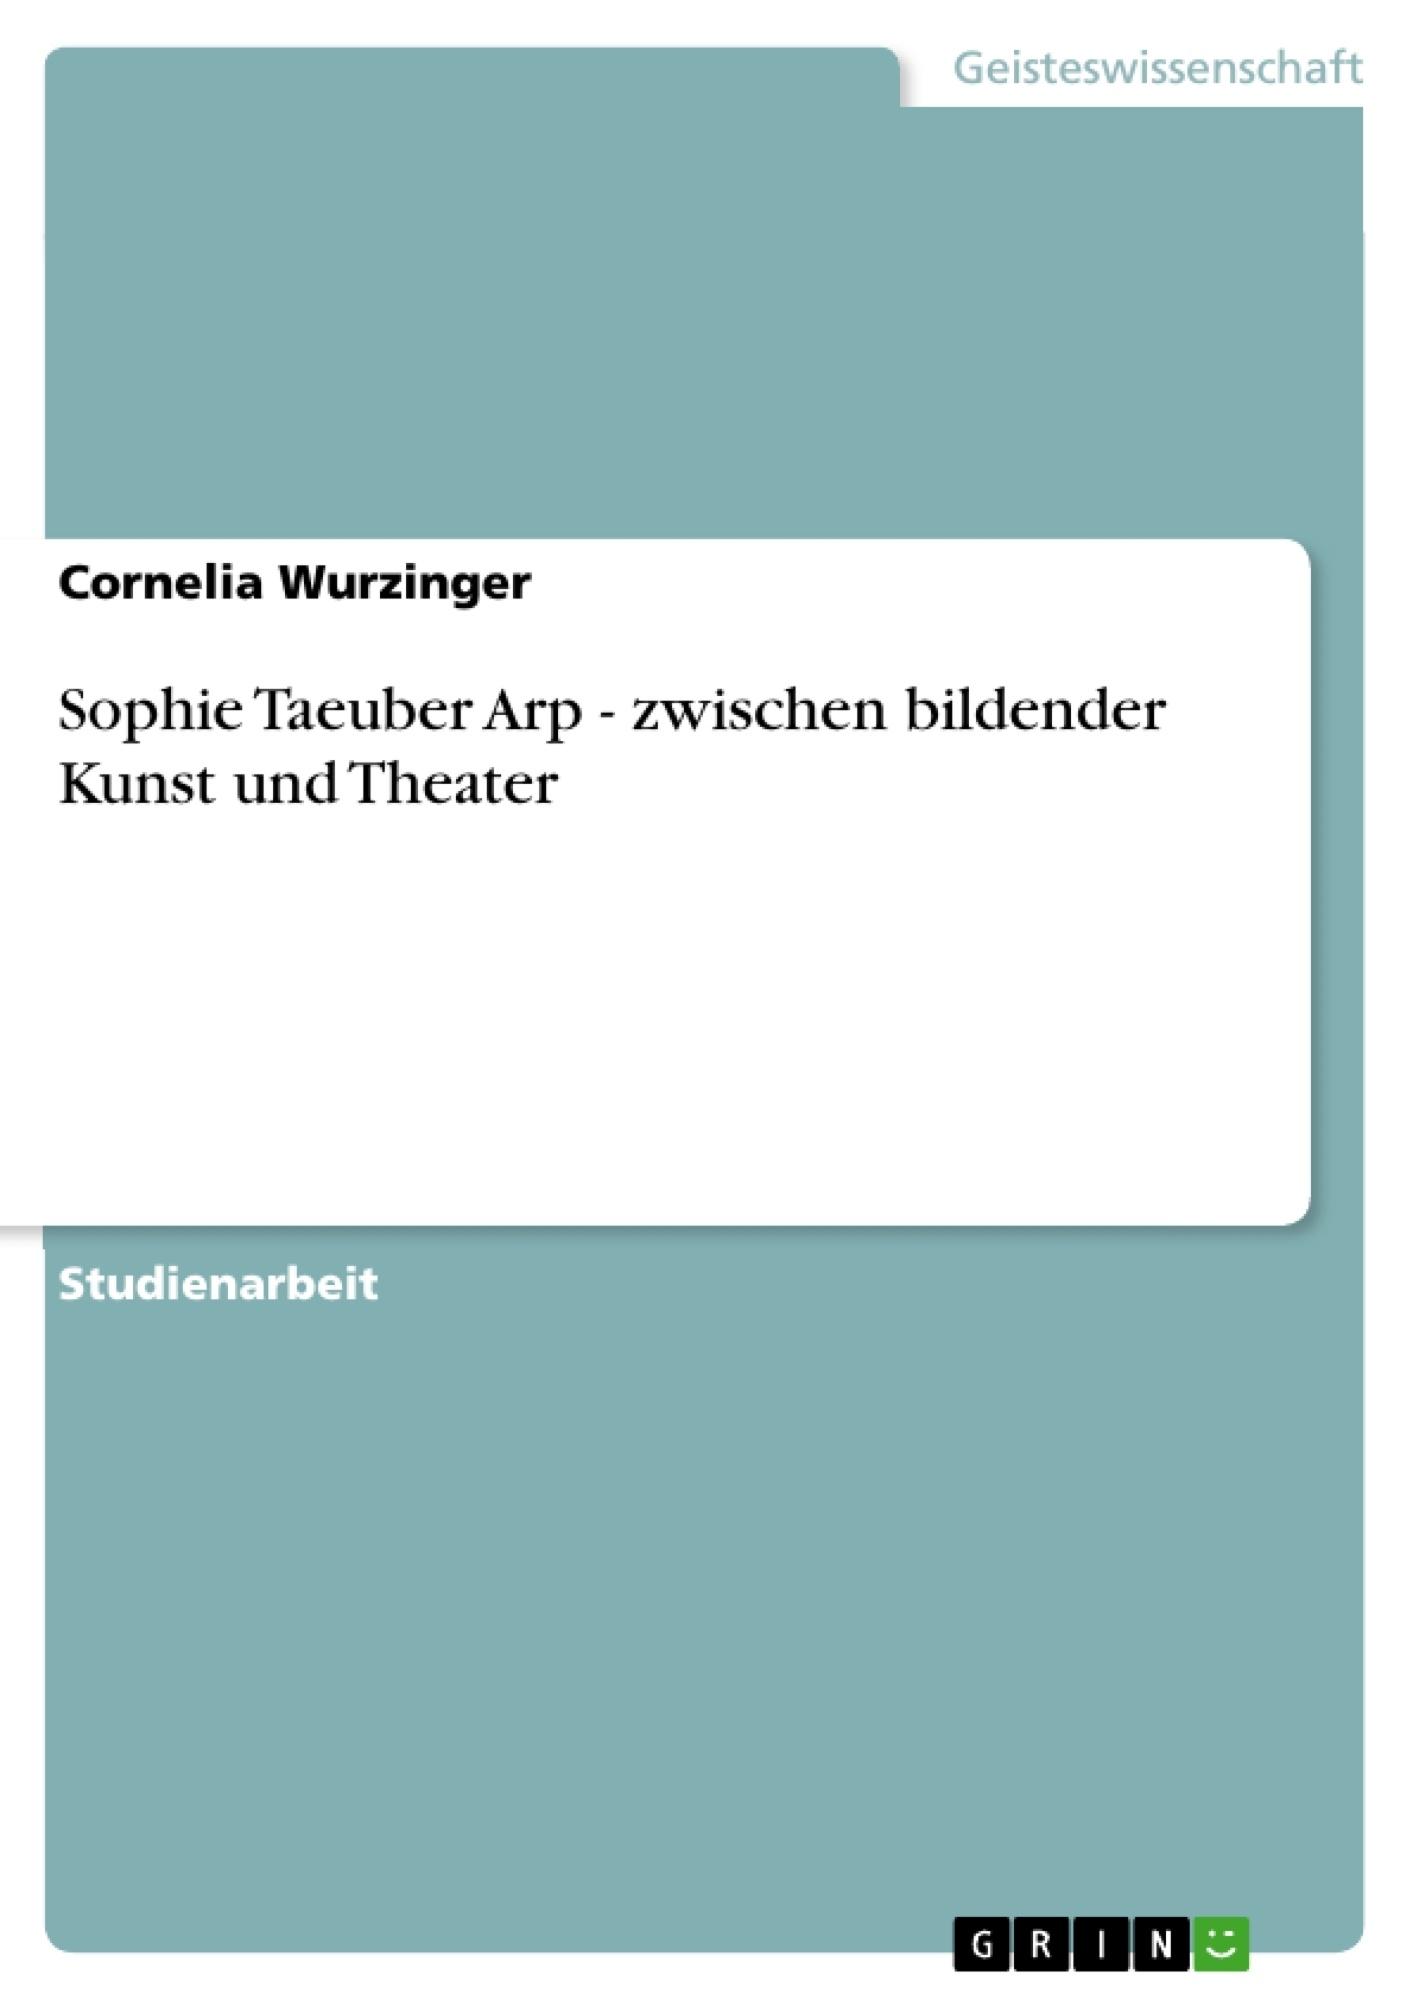 Titel: Sophie Taeuber Arp - zwischen bildender Kunst und Theater